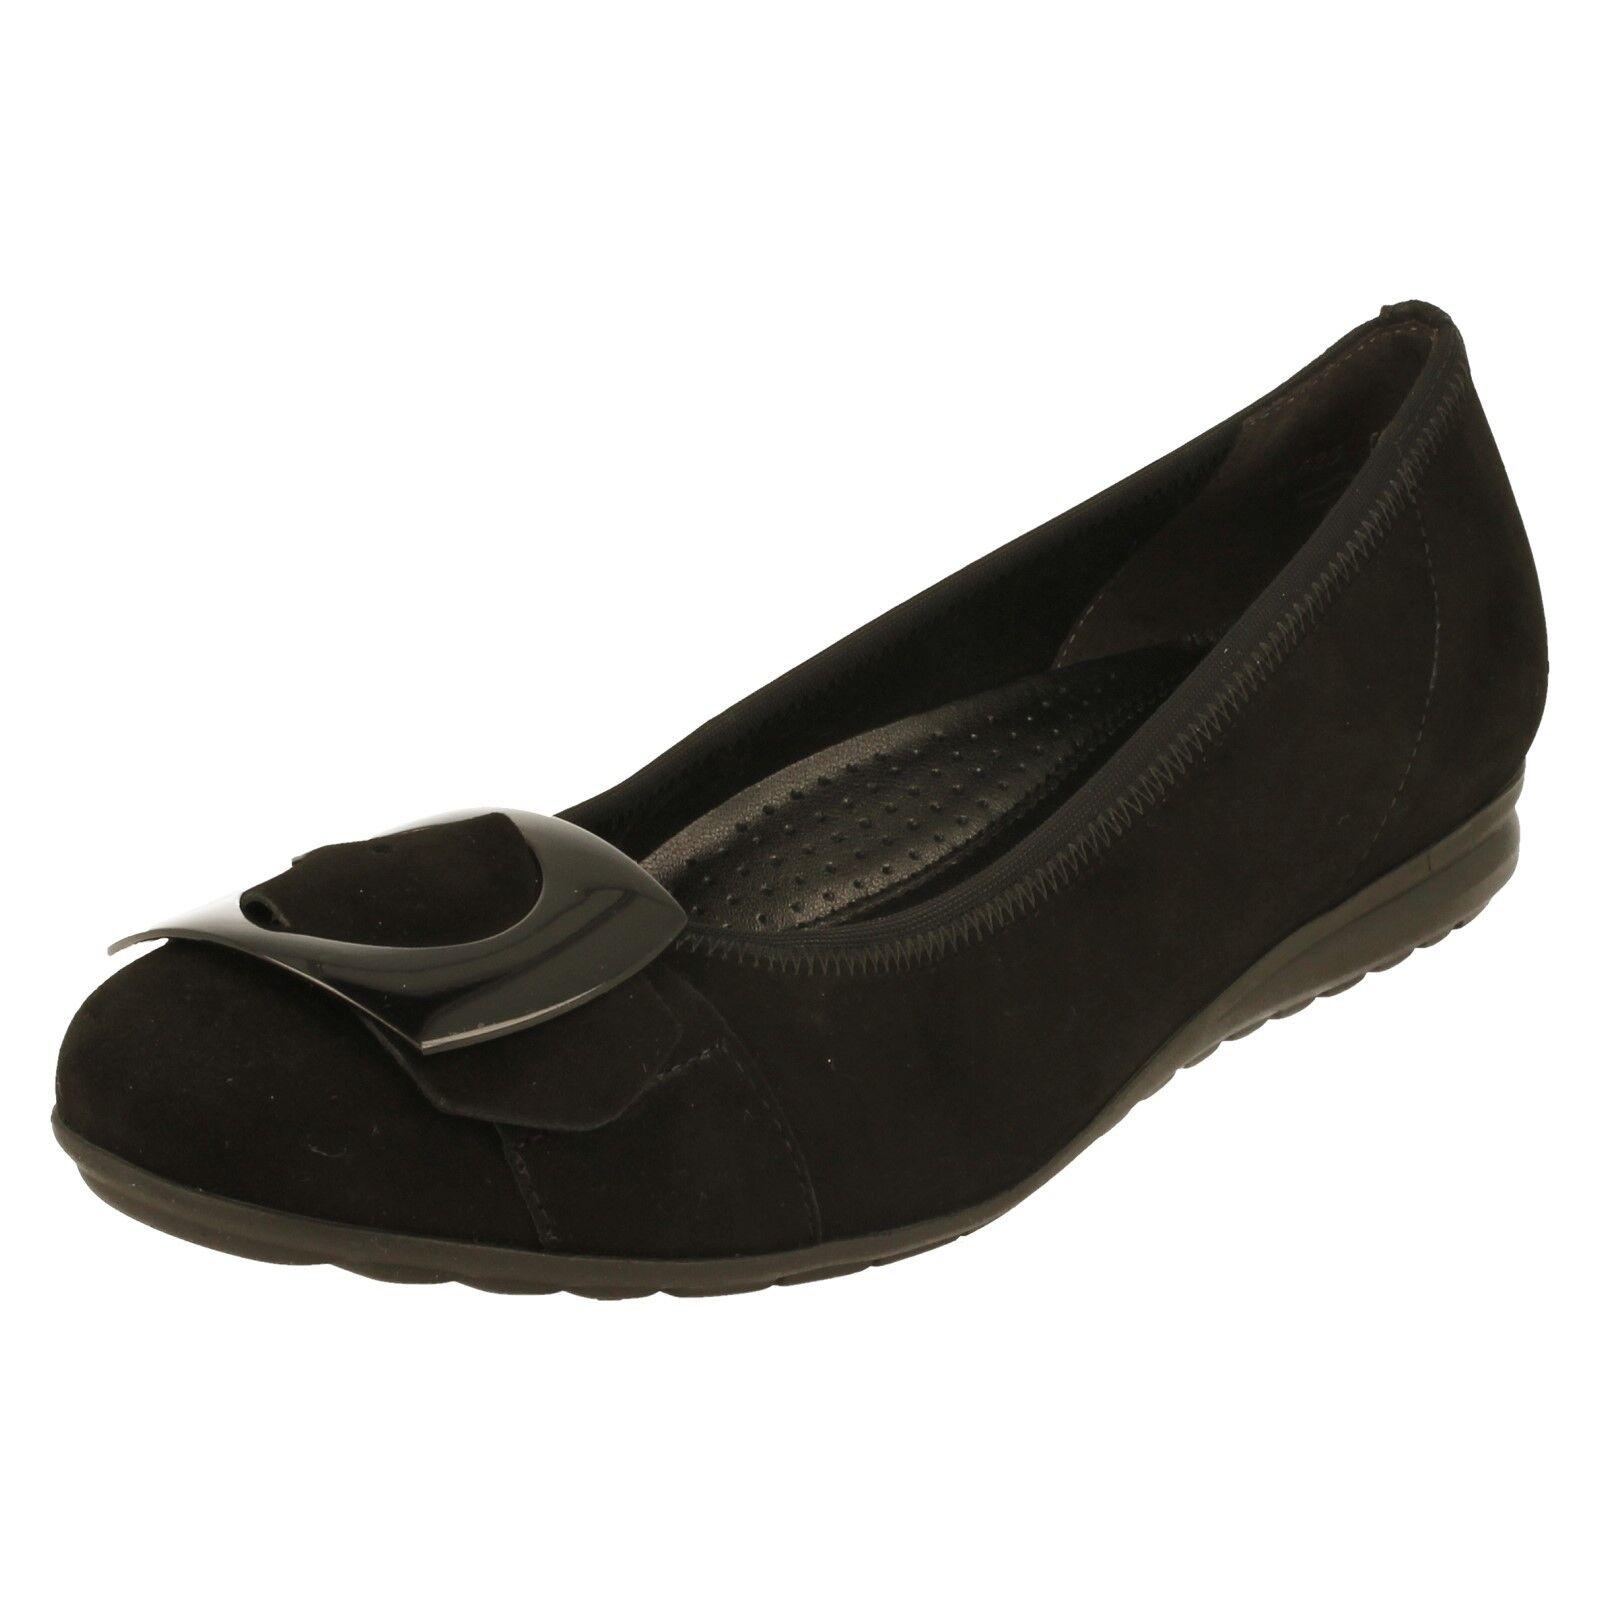 Scarpe da donna Gabor - 82625 in contanti